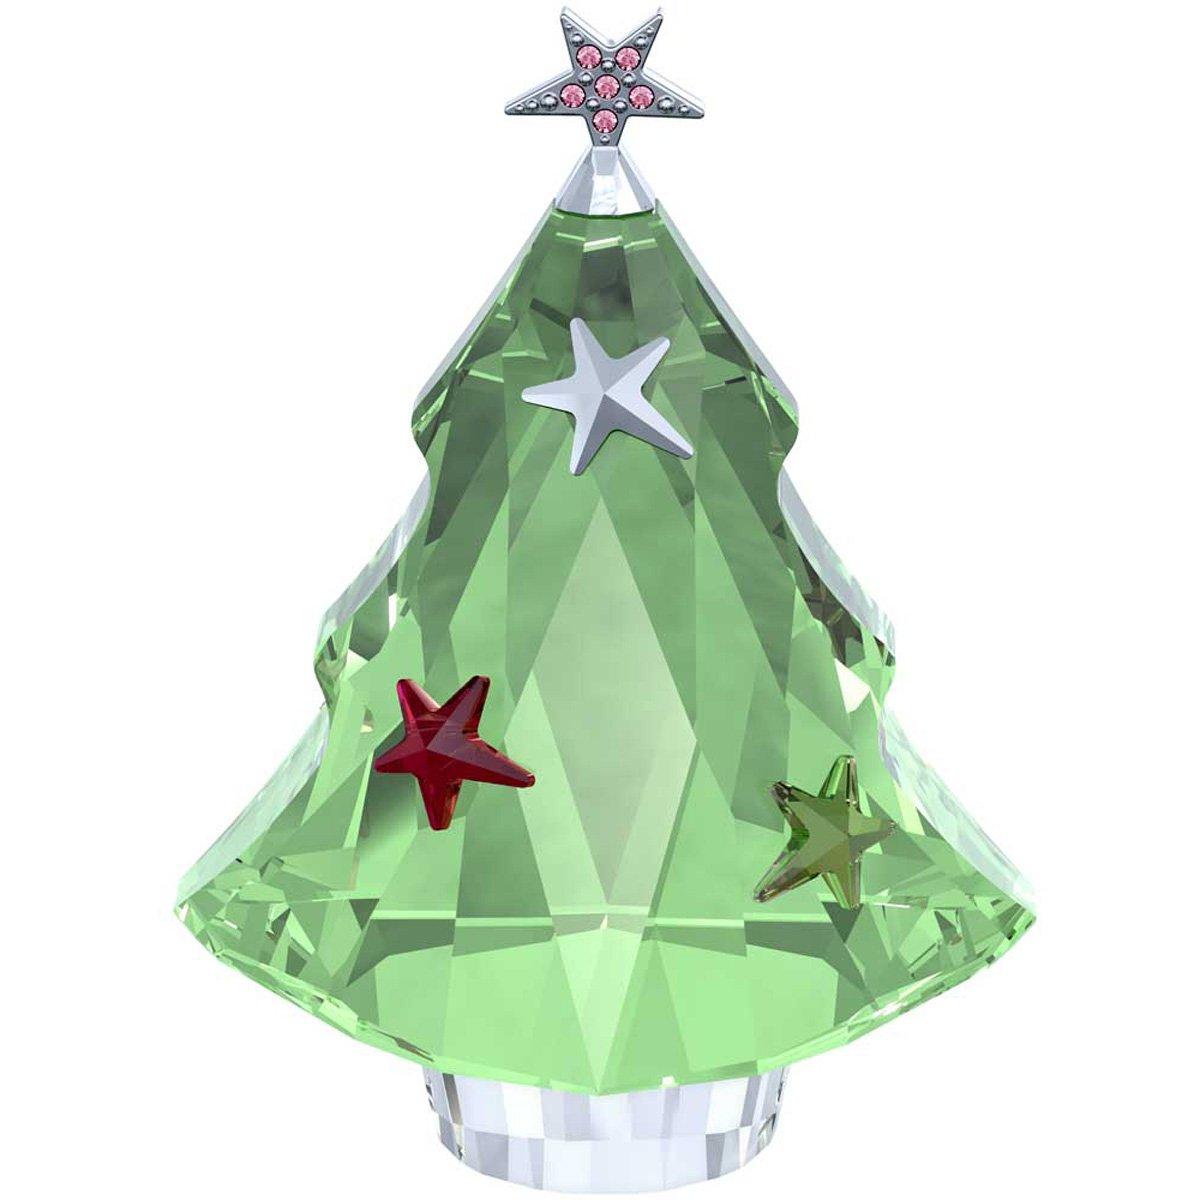 Swarovski Christmas Tree, Chrysolite